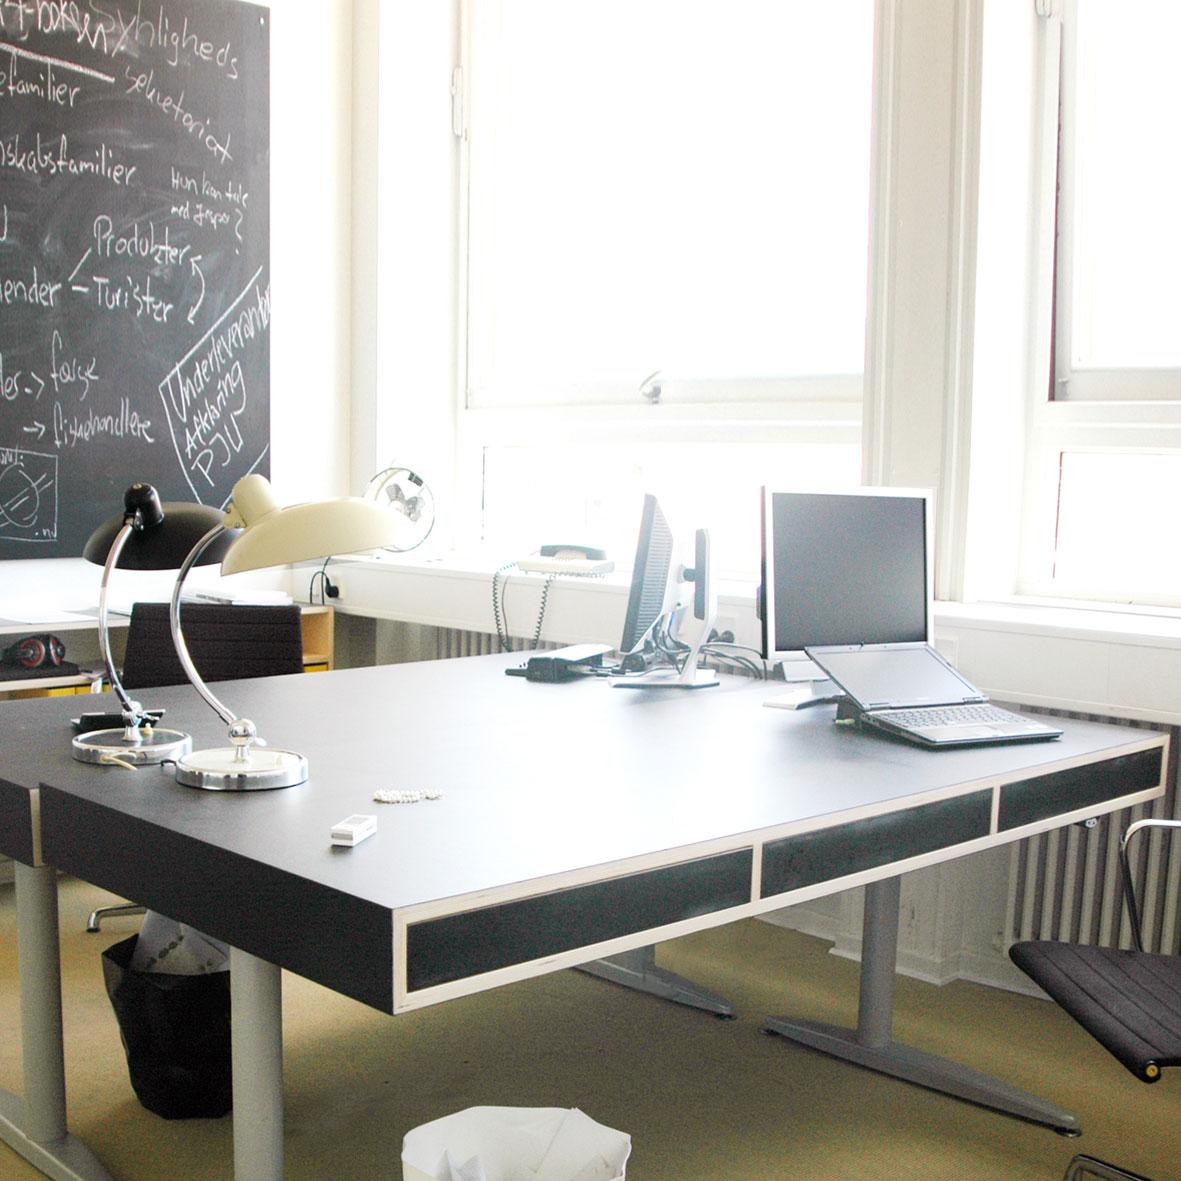 Indretning kontor, skrivebord kontorstole - Køkkenskaberne